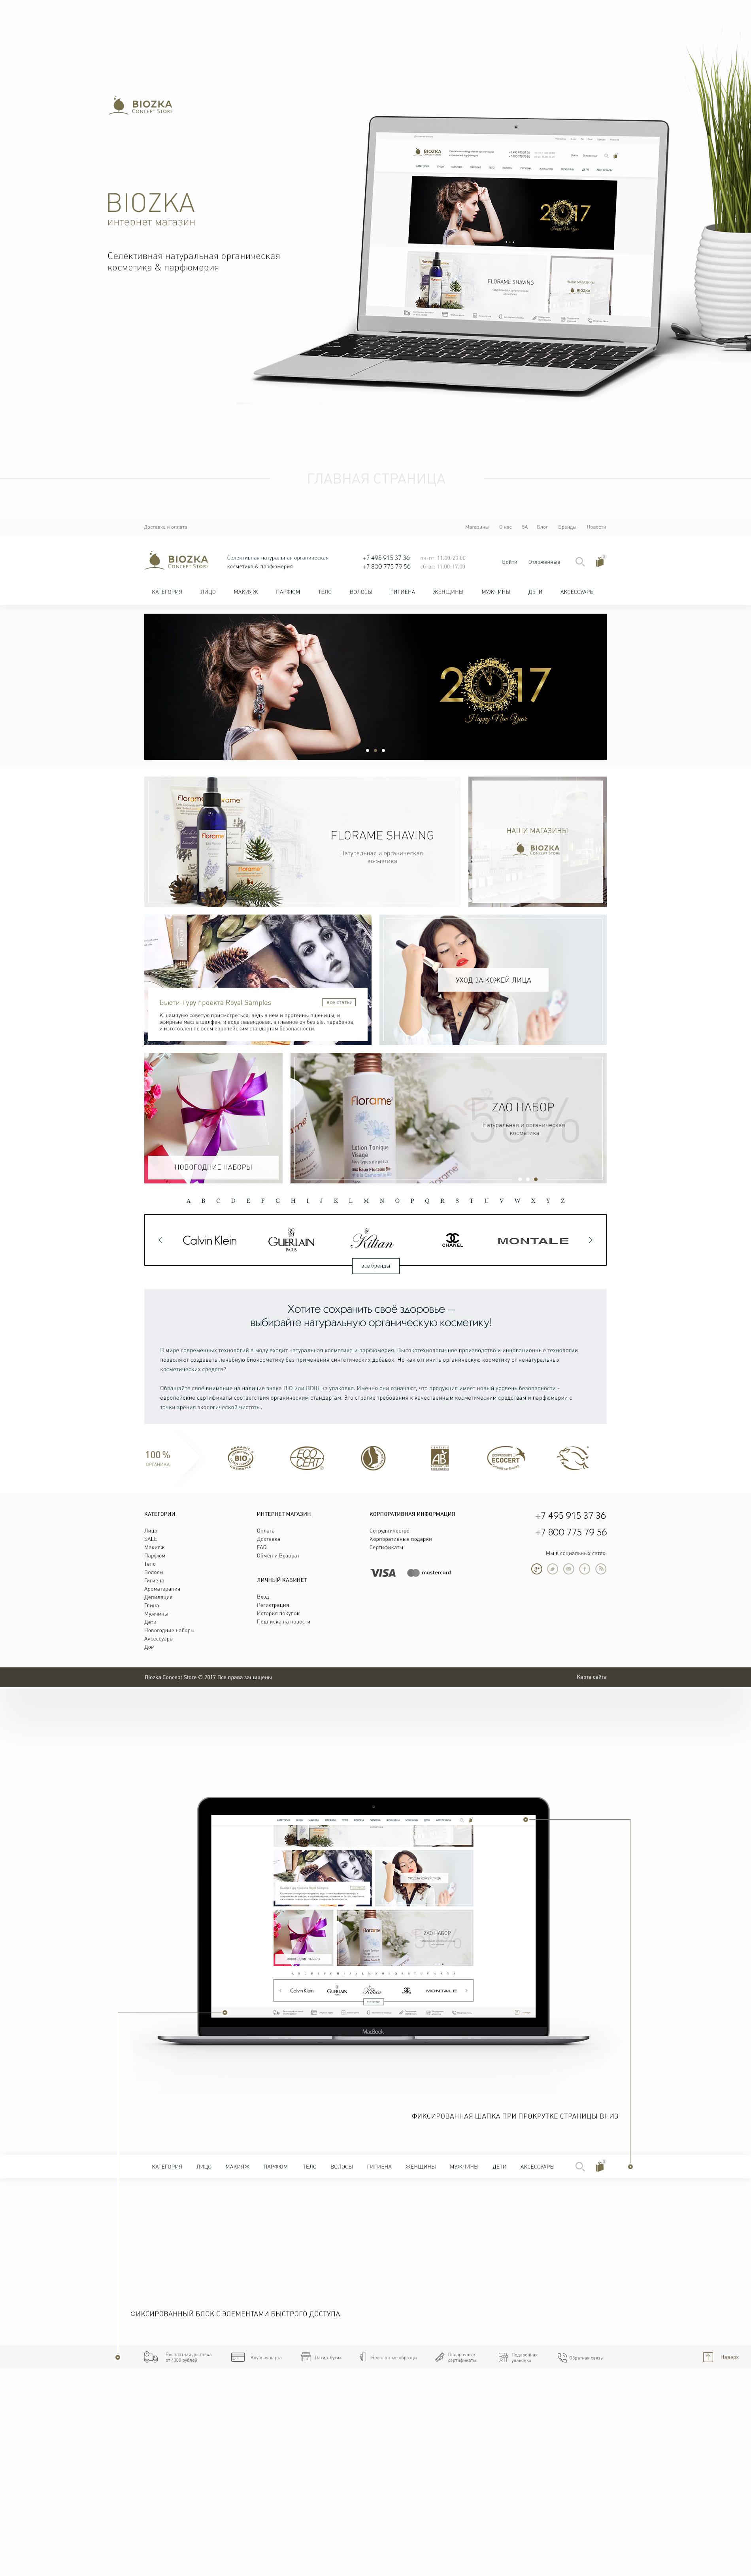 Дизайнер или графический художник для создания дизайна сайта фото f_7435874c6e765b64.jpg